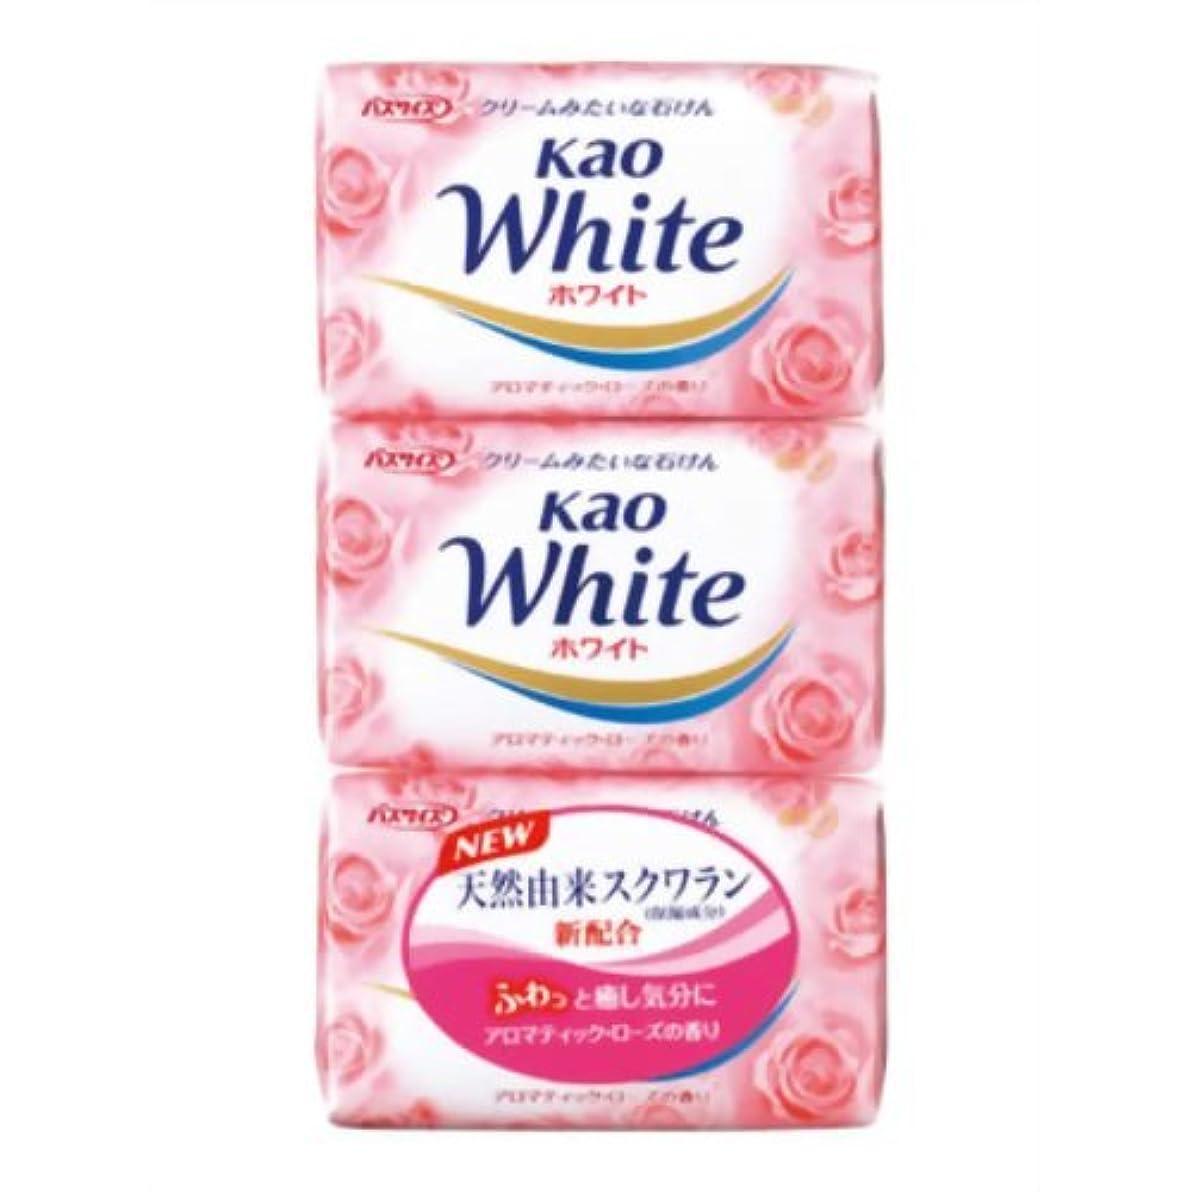 帳面惨めな最愛の花王ホワイト アロマティックローズの香り バスサイズ 130g*3個入